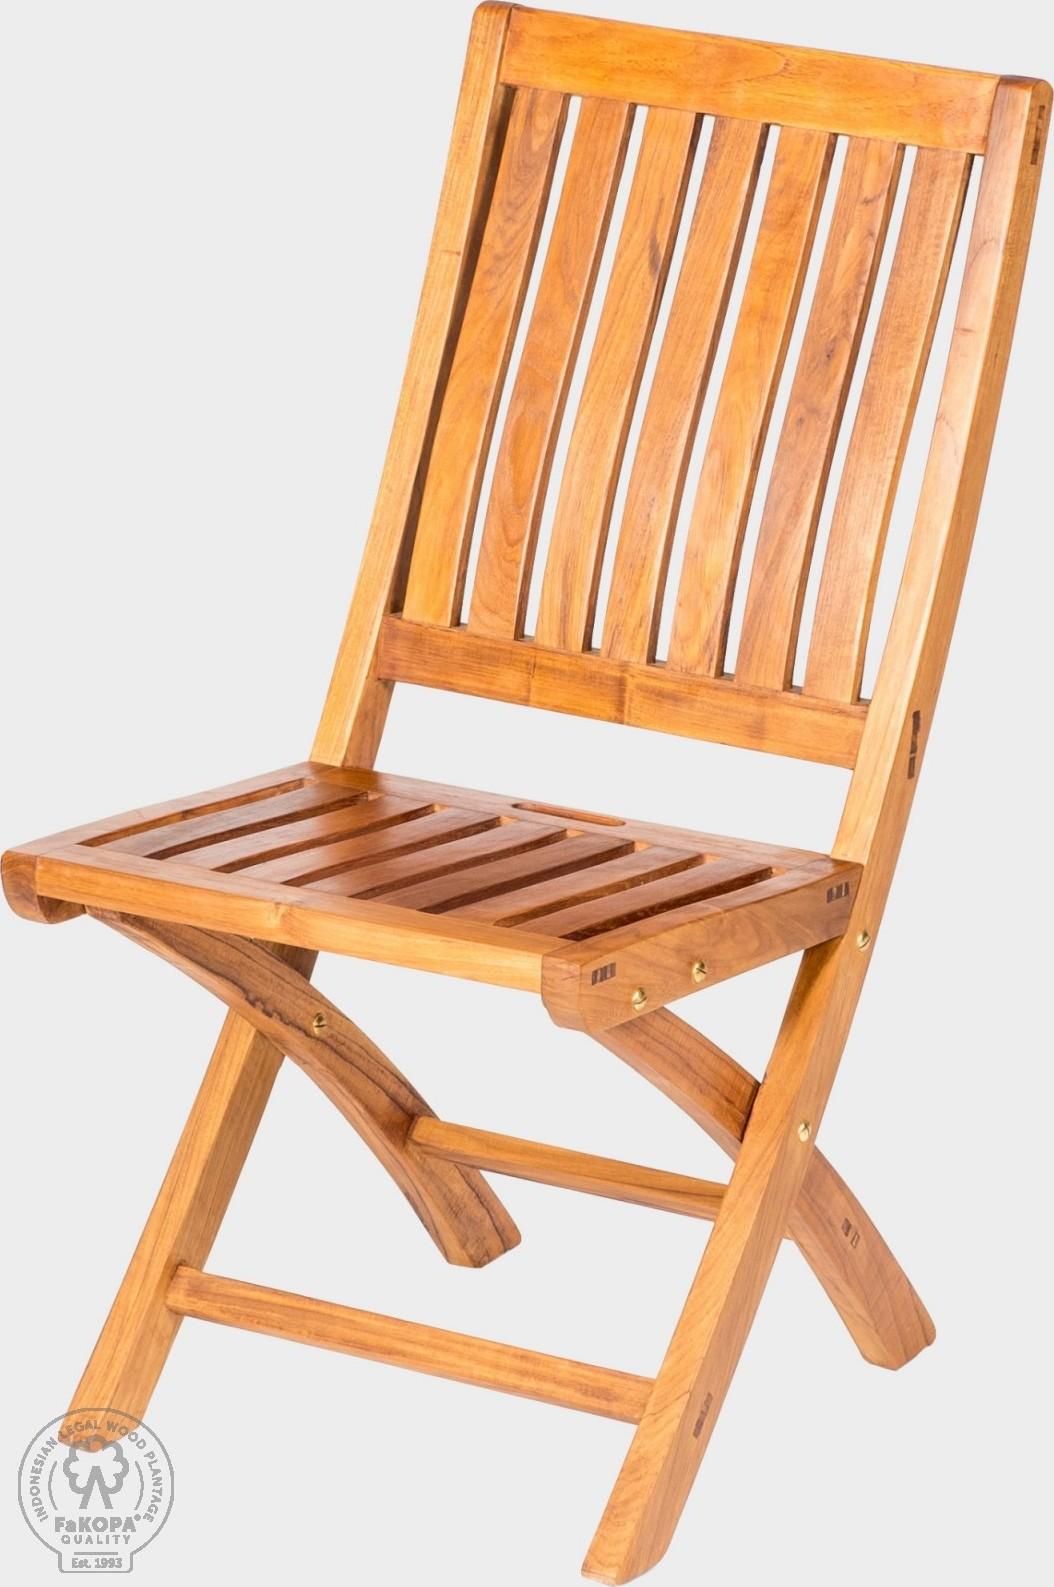 FaKOPA Teaková venkovní židle skládací Emma